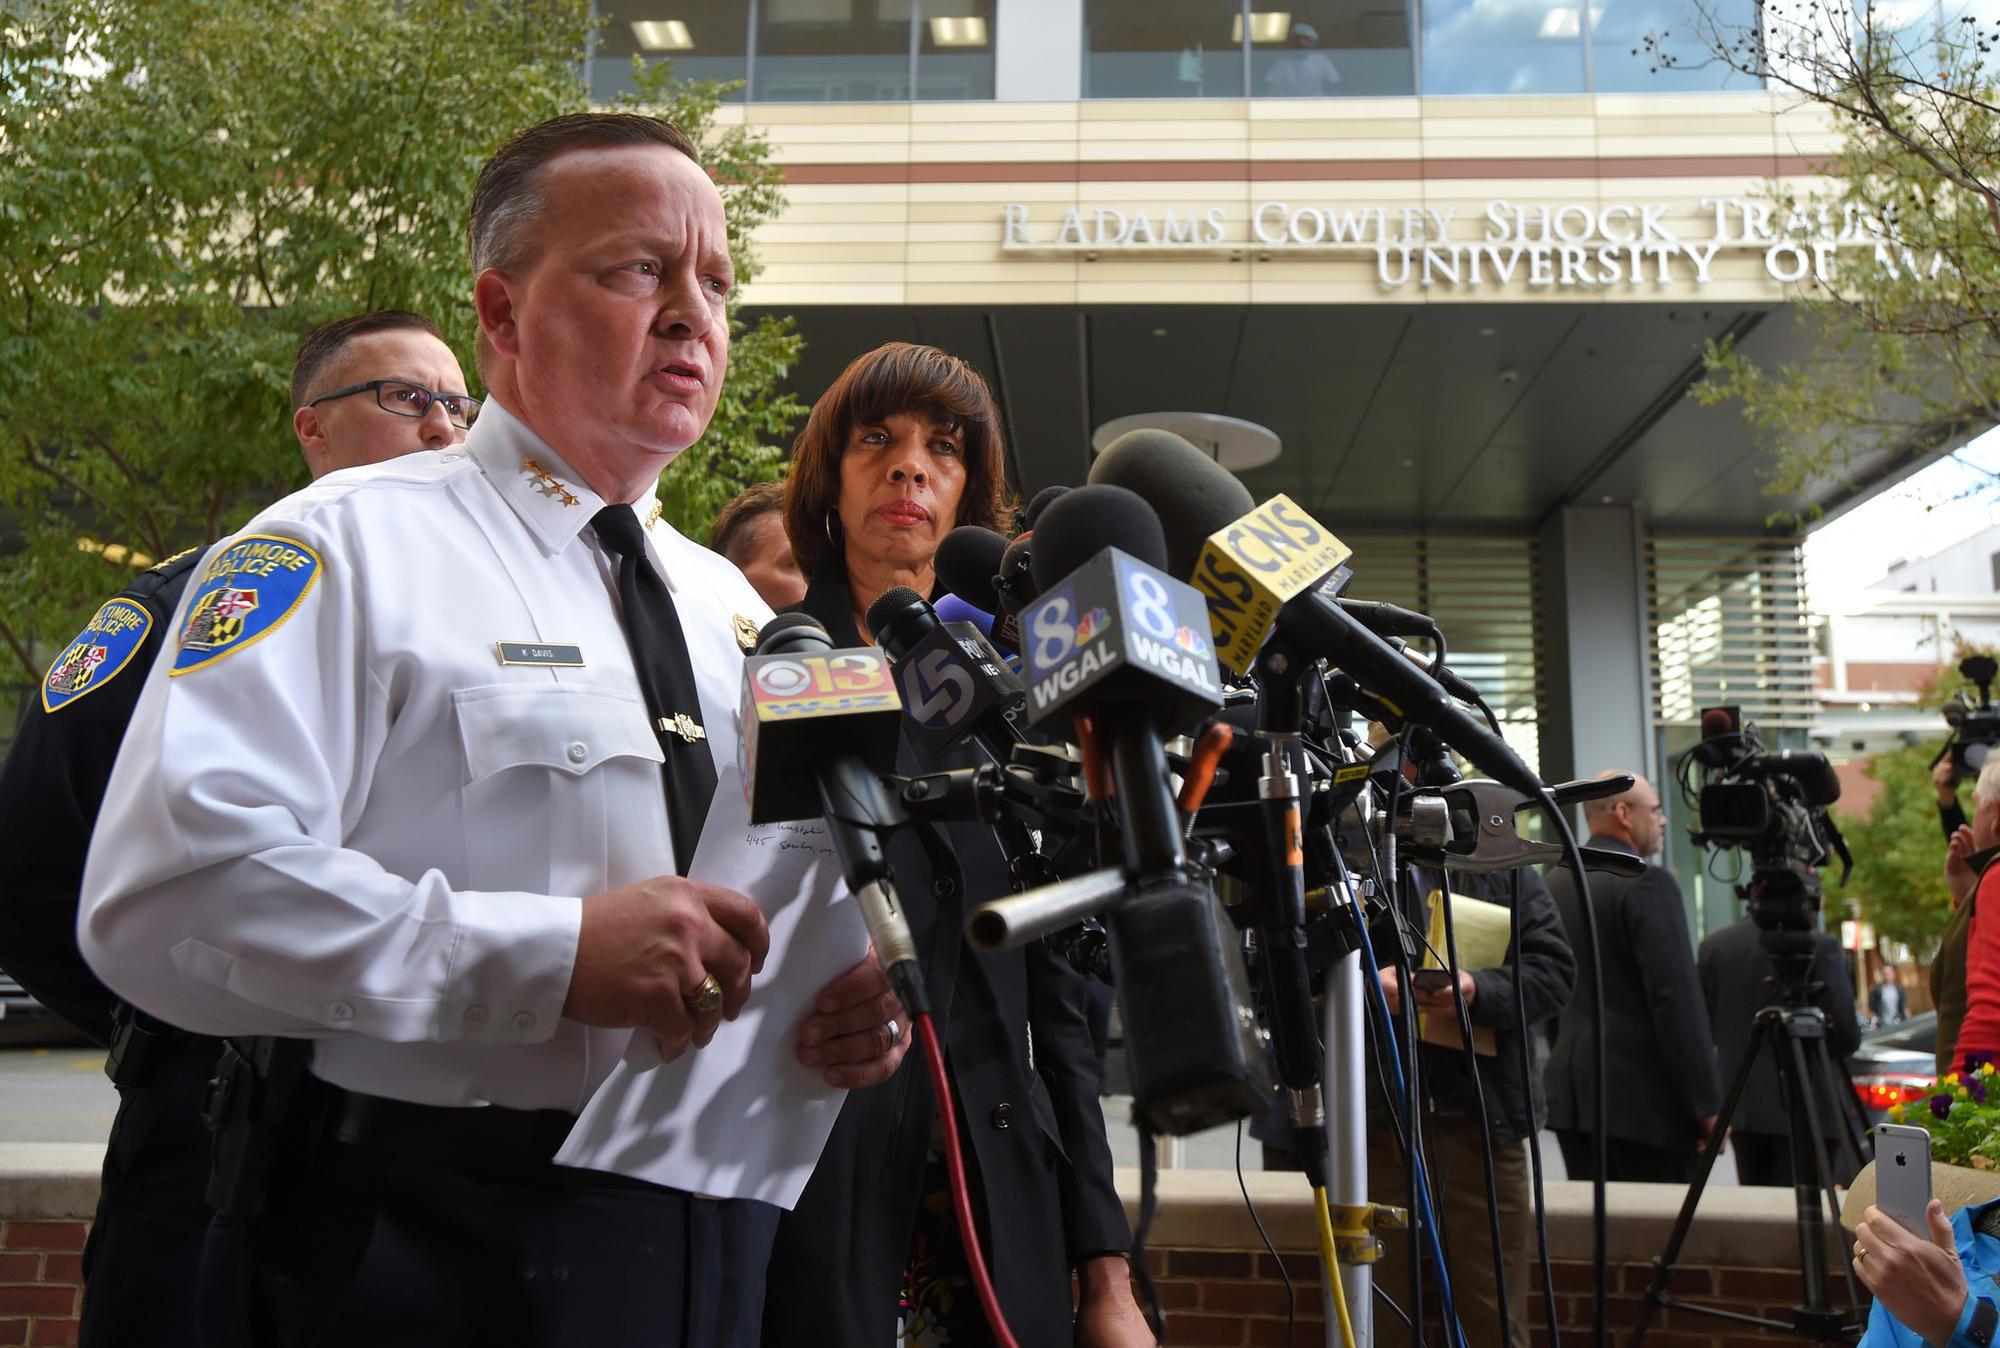 Baltimore police commissioner asks FBI to take over investigation of Det. Sean Suiter's death